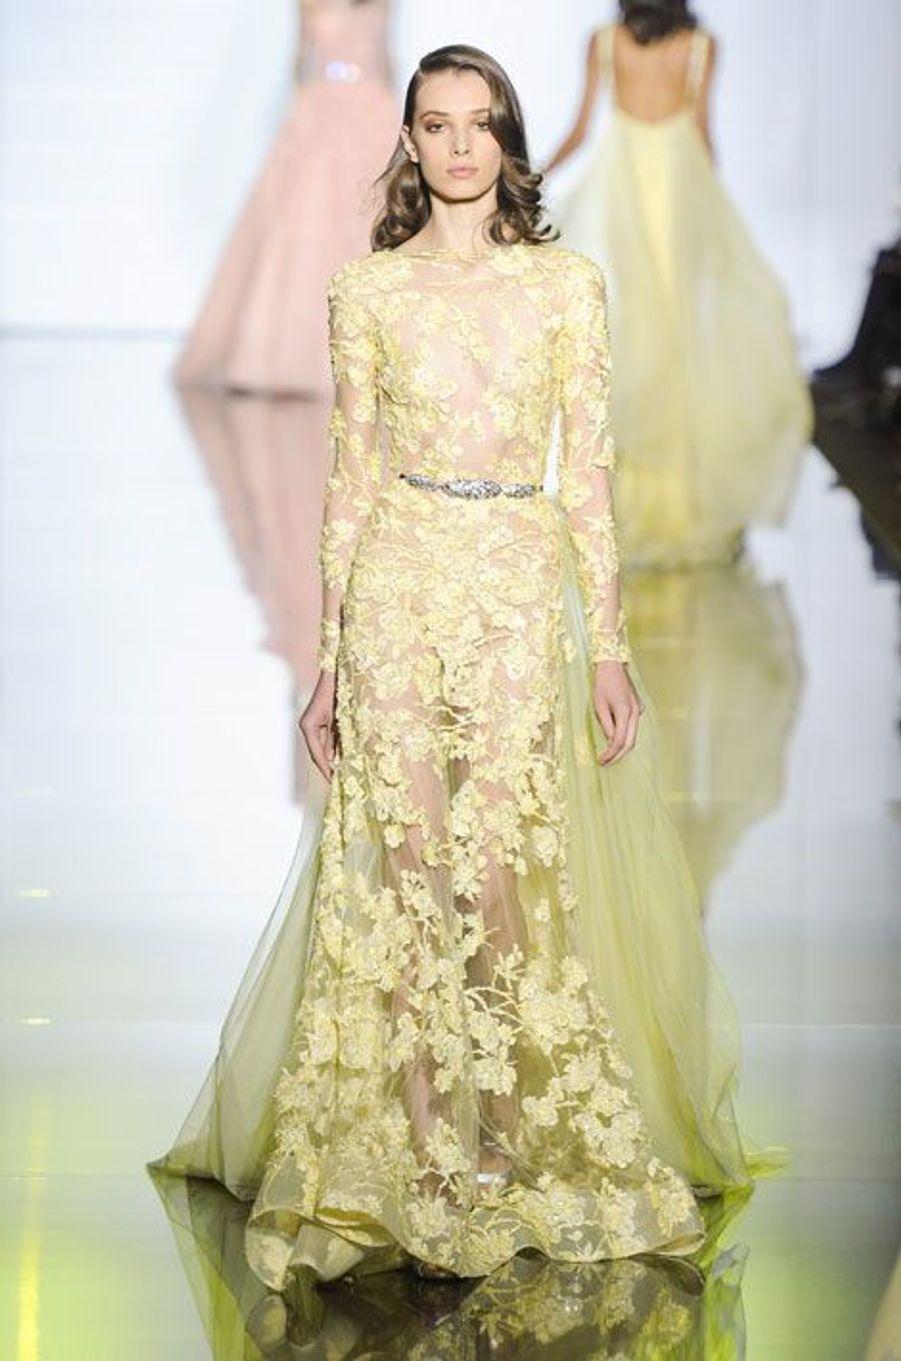 Défié Zuhair Murad Haute Couture printemps-été 2015, à Paris, le 29 janvier 2015